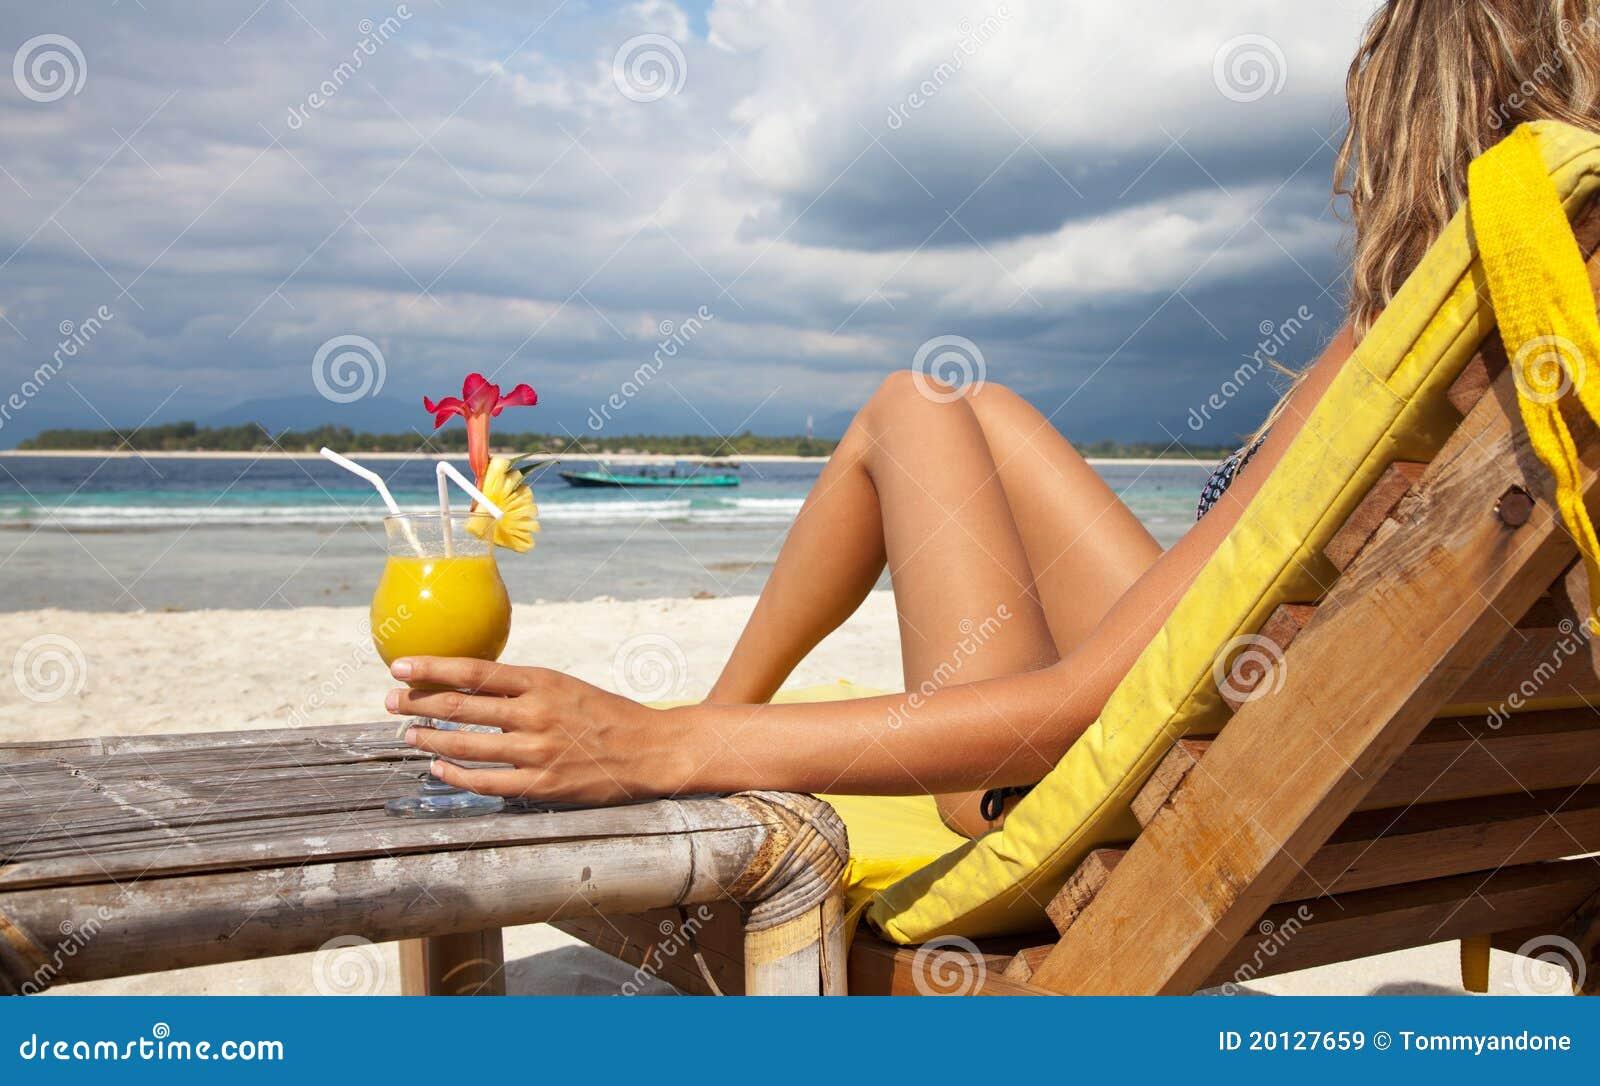 Cocktail de plage image stock Image du sunlight